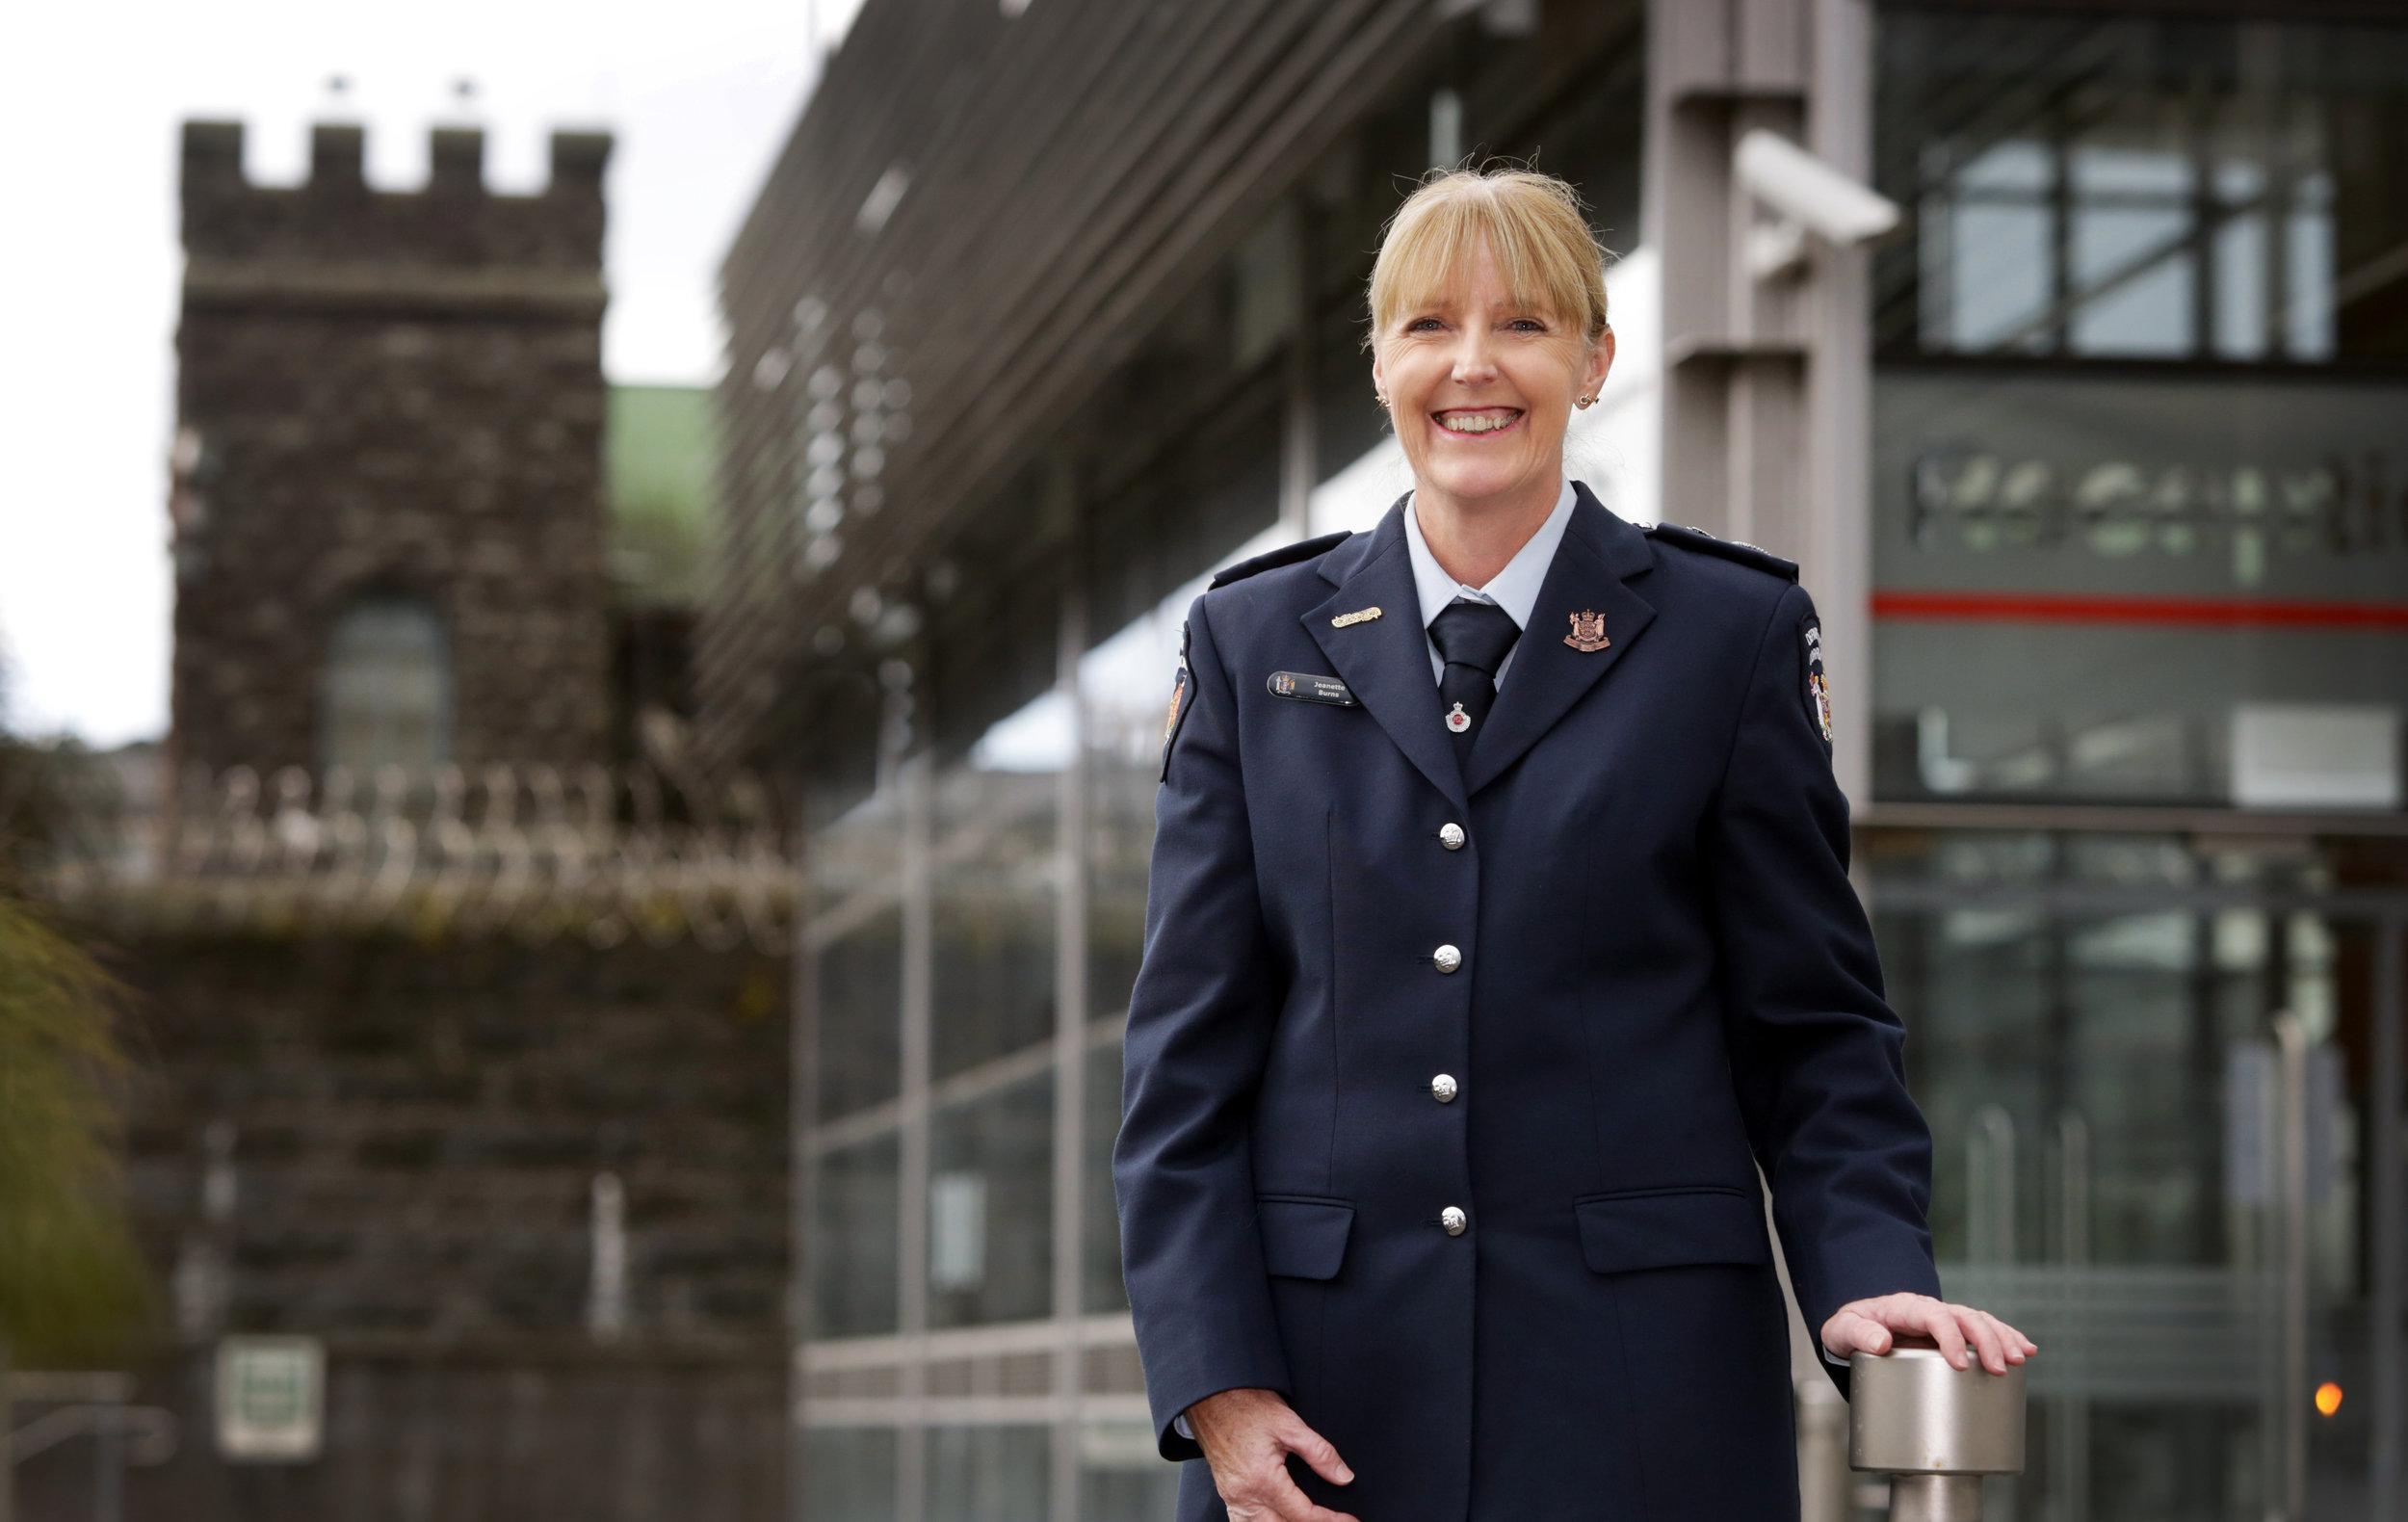 Jeanette Burns photo - in uniform outside MECF July 2016.jpg